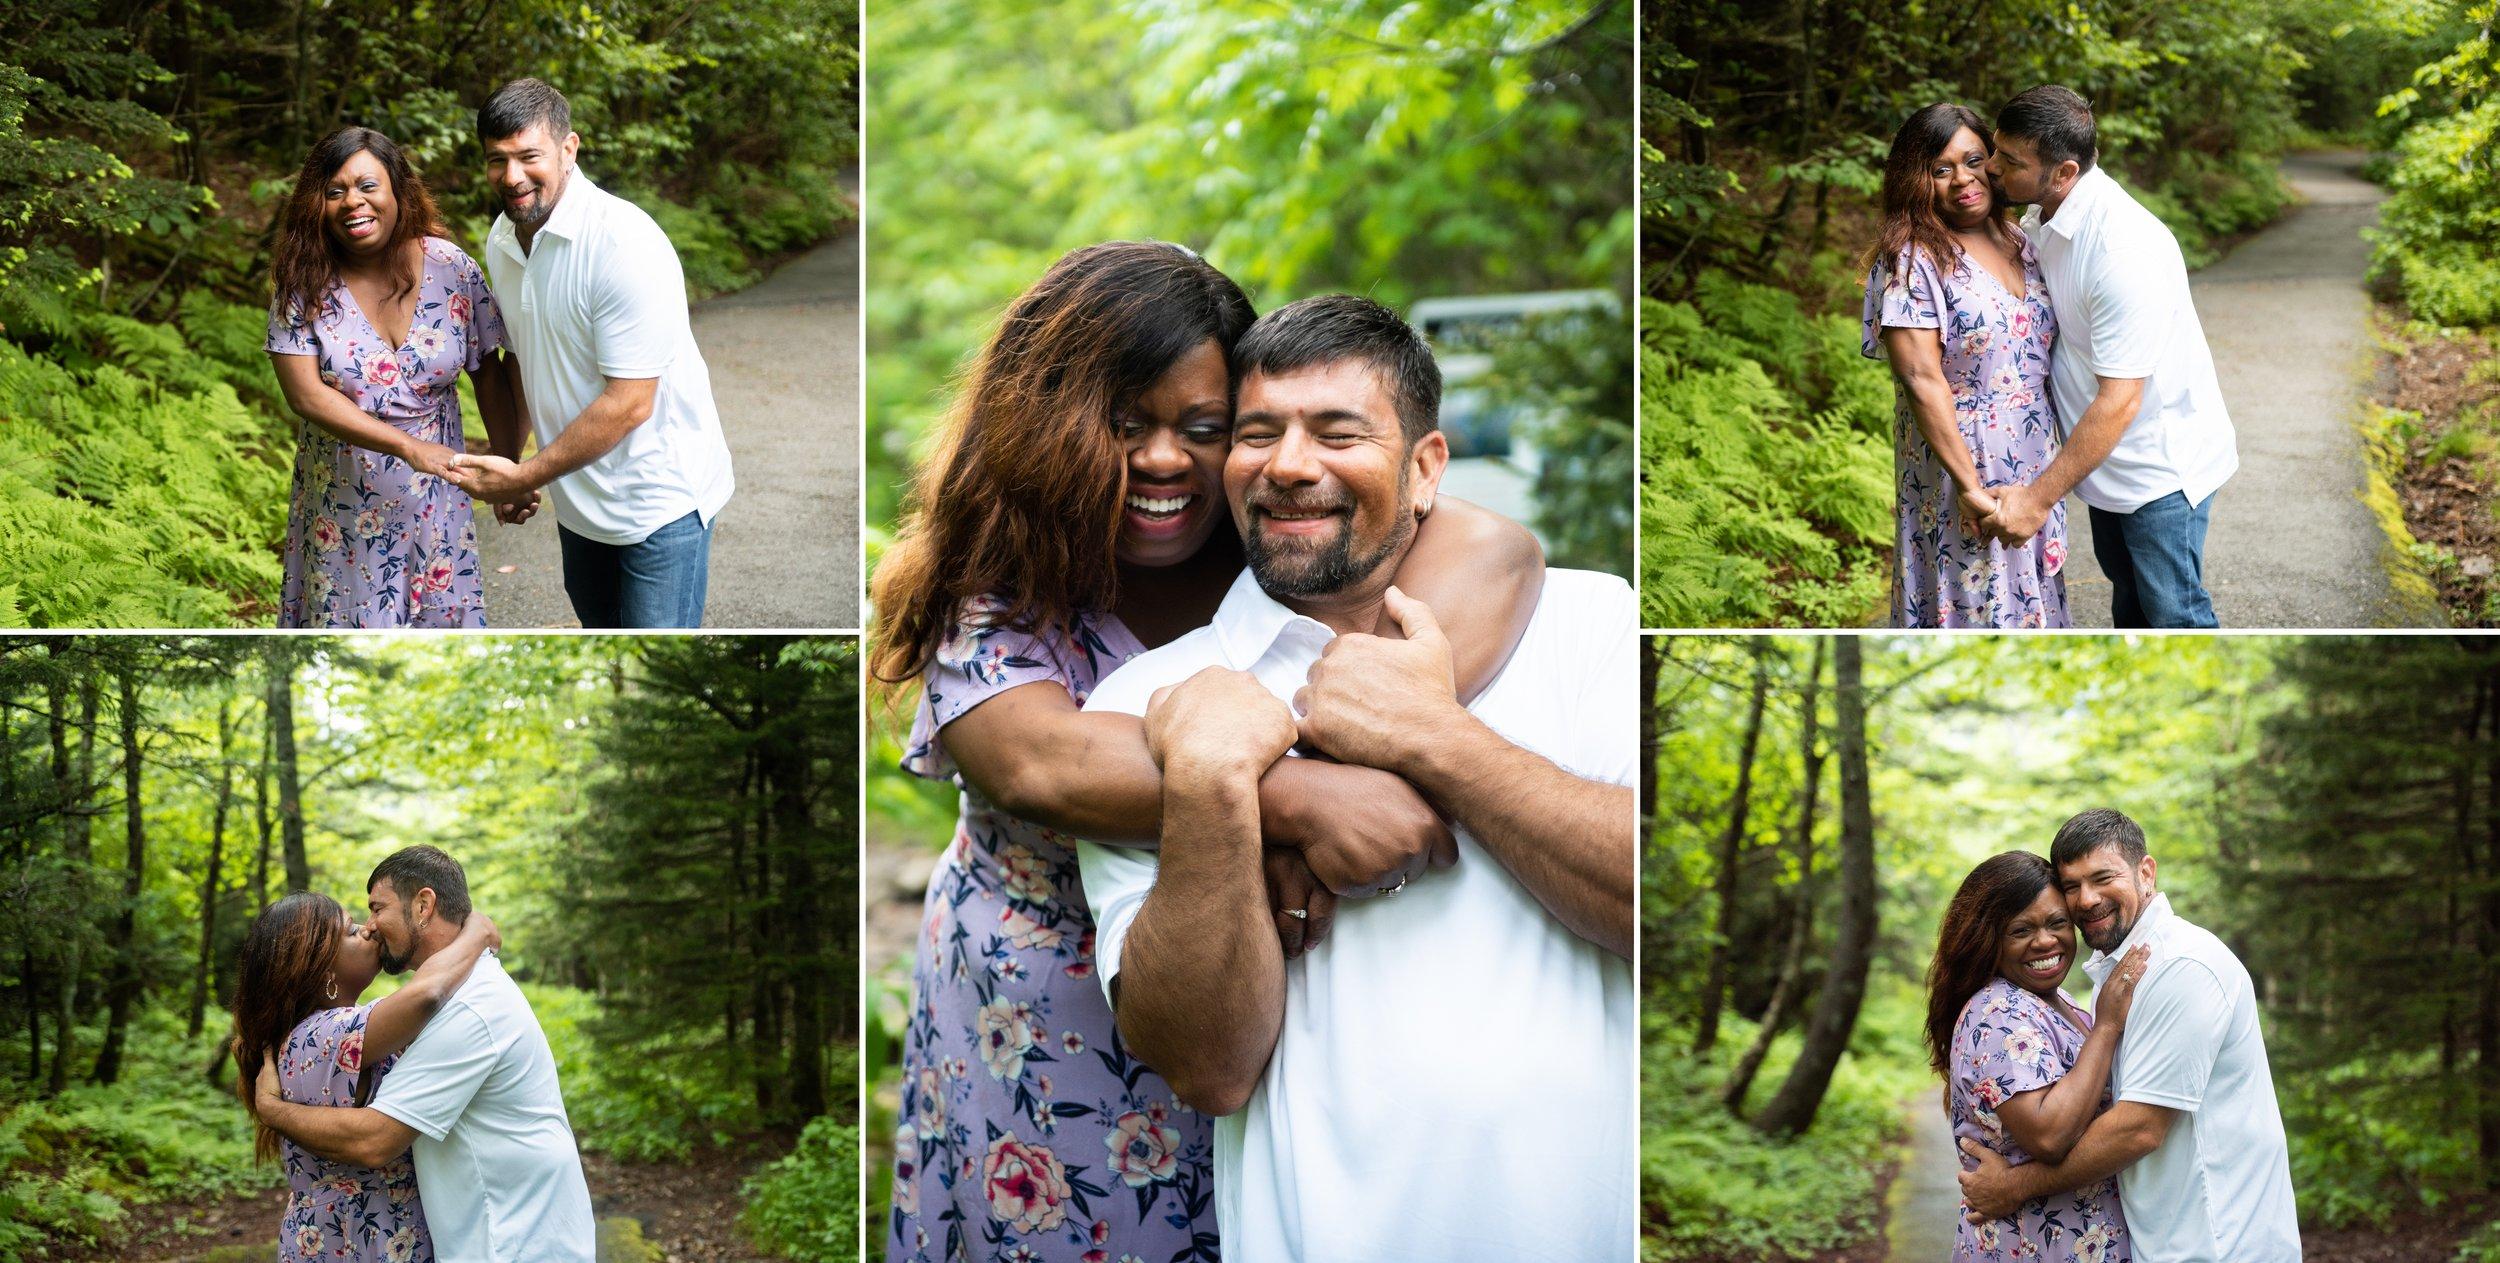 Destination Engagement Photo Album in Asheville, NC